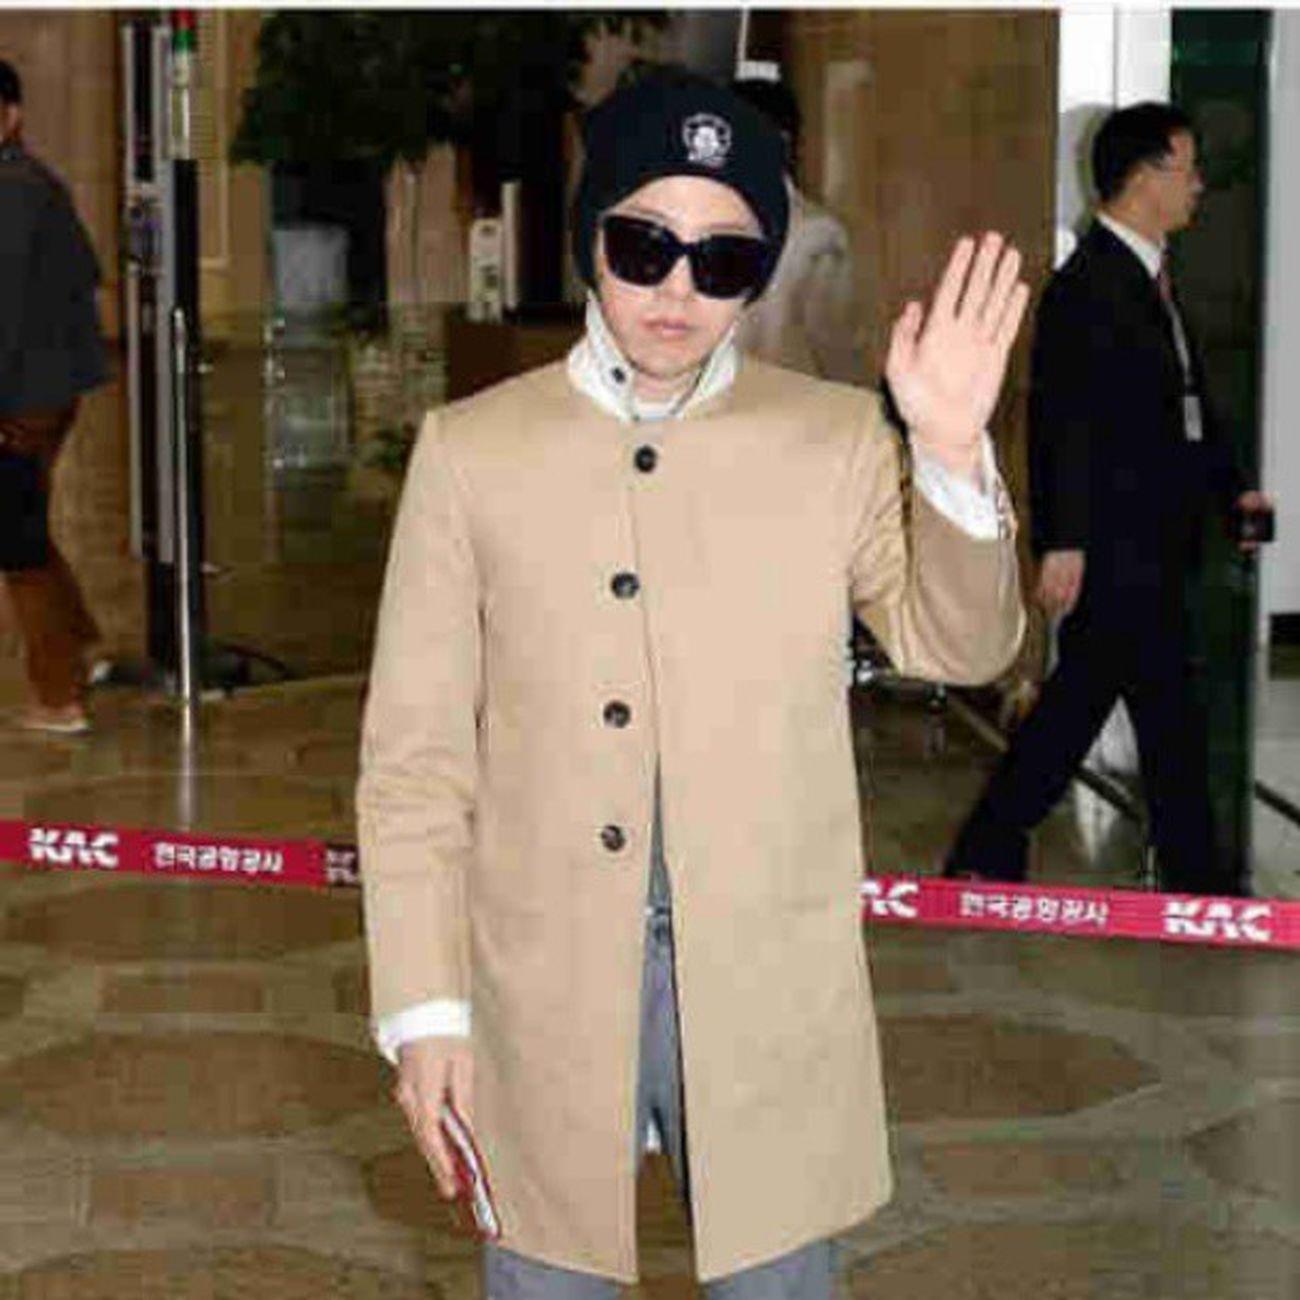 Bigbang Gdragon Jiyong Beijing bigbang gdragon jiyong beijing bigbang gdragon jiyong beijing